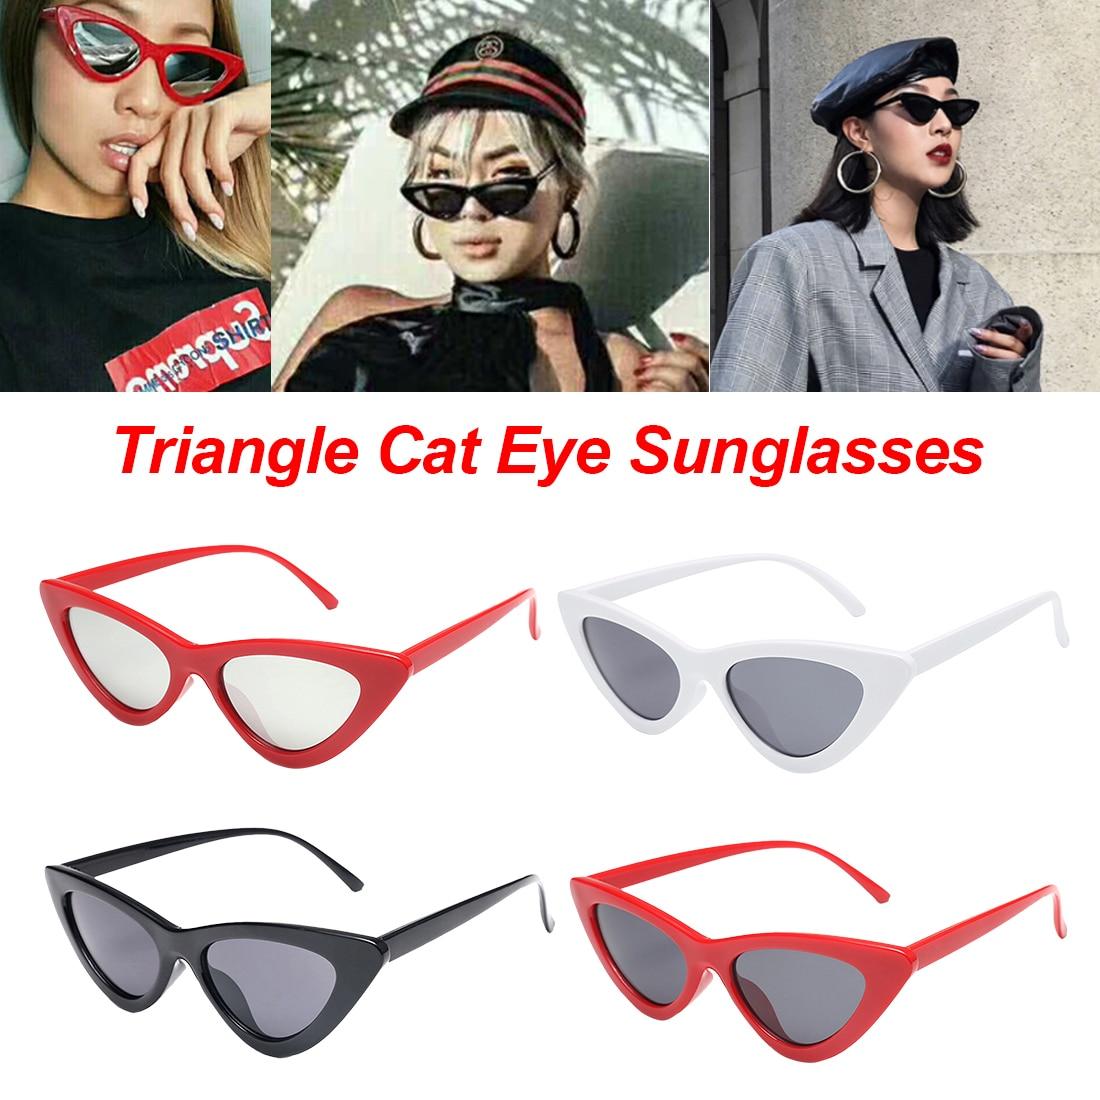 COLORATO COLORATA Trasparente Ovale Senza Montatura Cat Eye occhiali da sole UV400 Donna Da Uomo